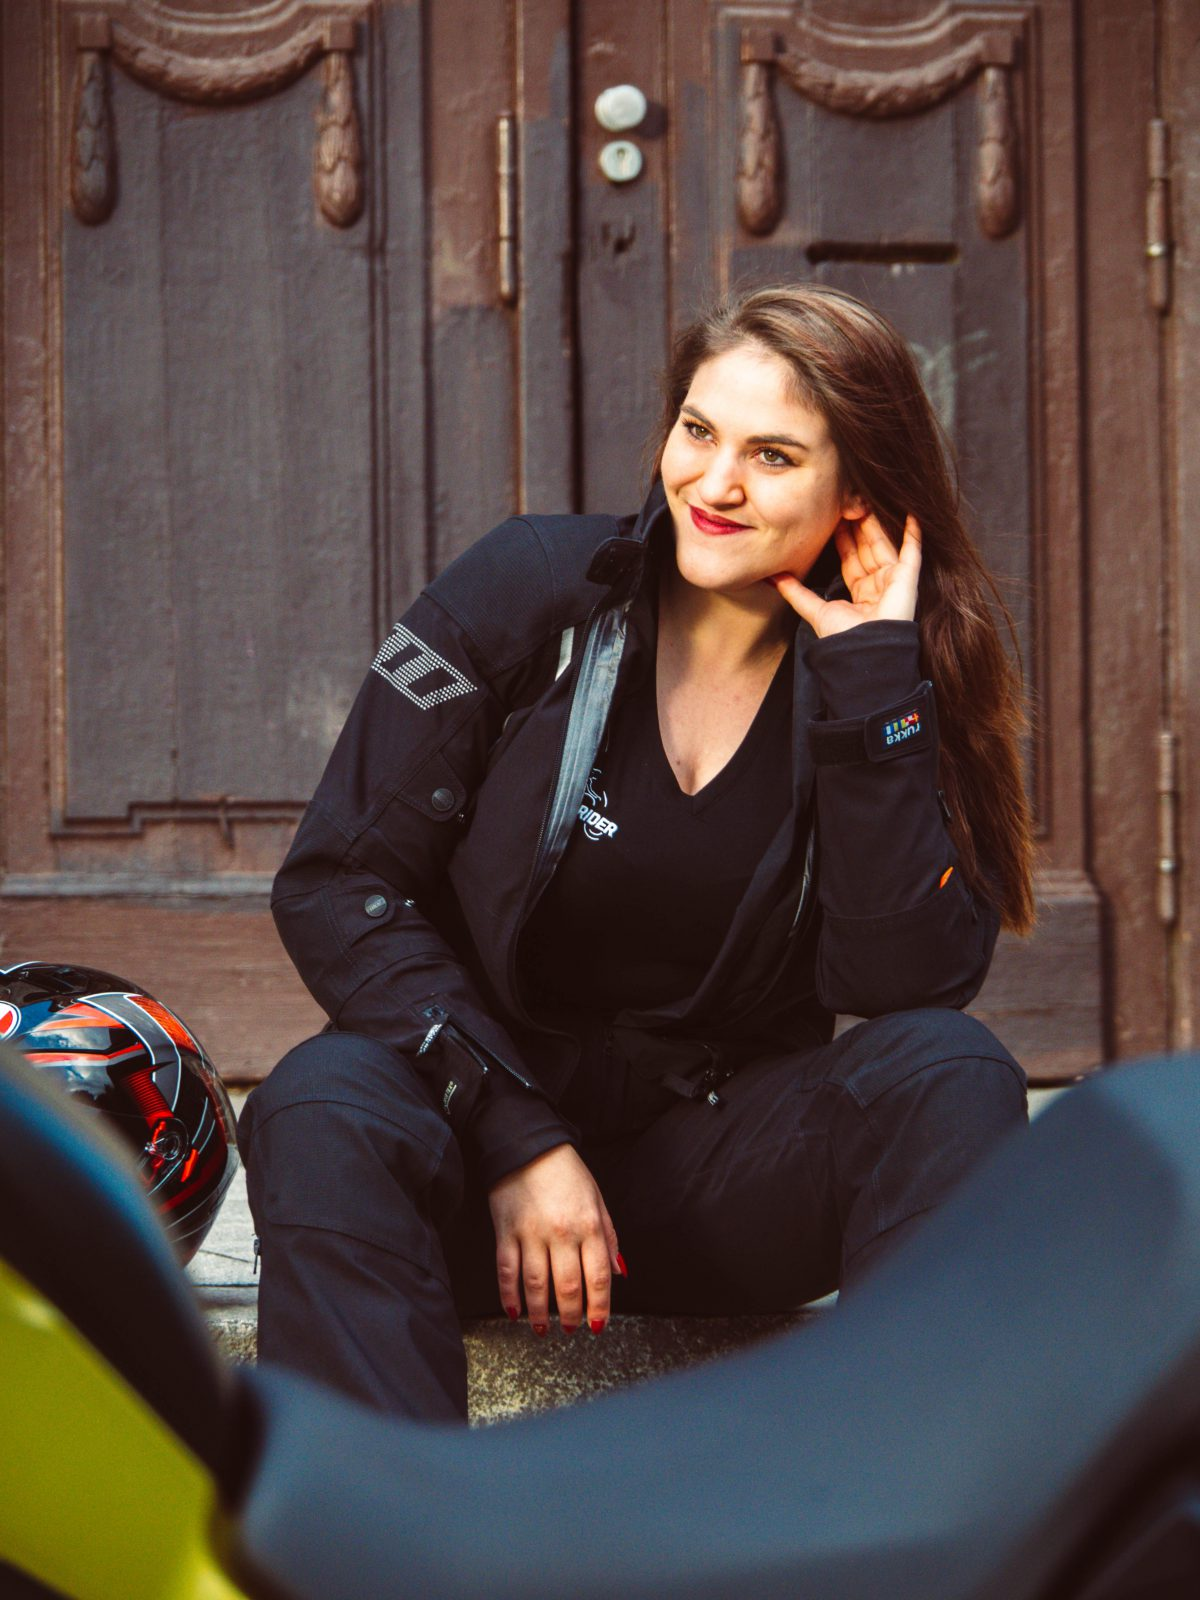 Motorradkombi Damen. Motorrad-Schutzkleidung mit allem Komfort für Frauen.